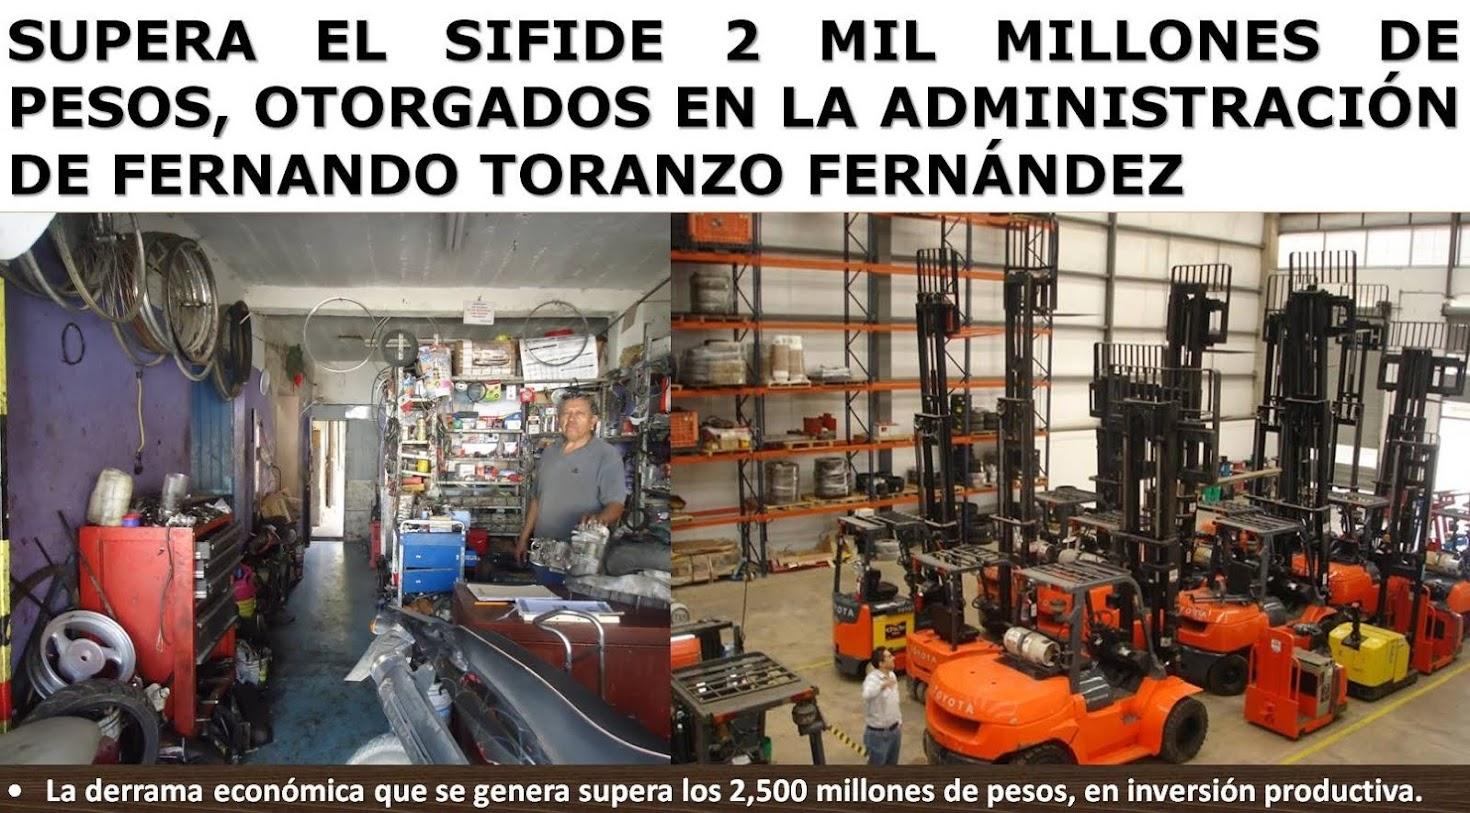 FINANCIANDO EL PROGRESO SOCIAL.